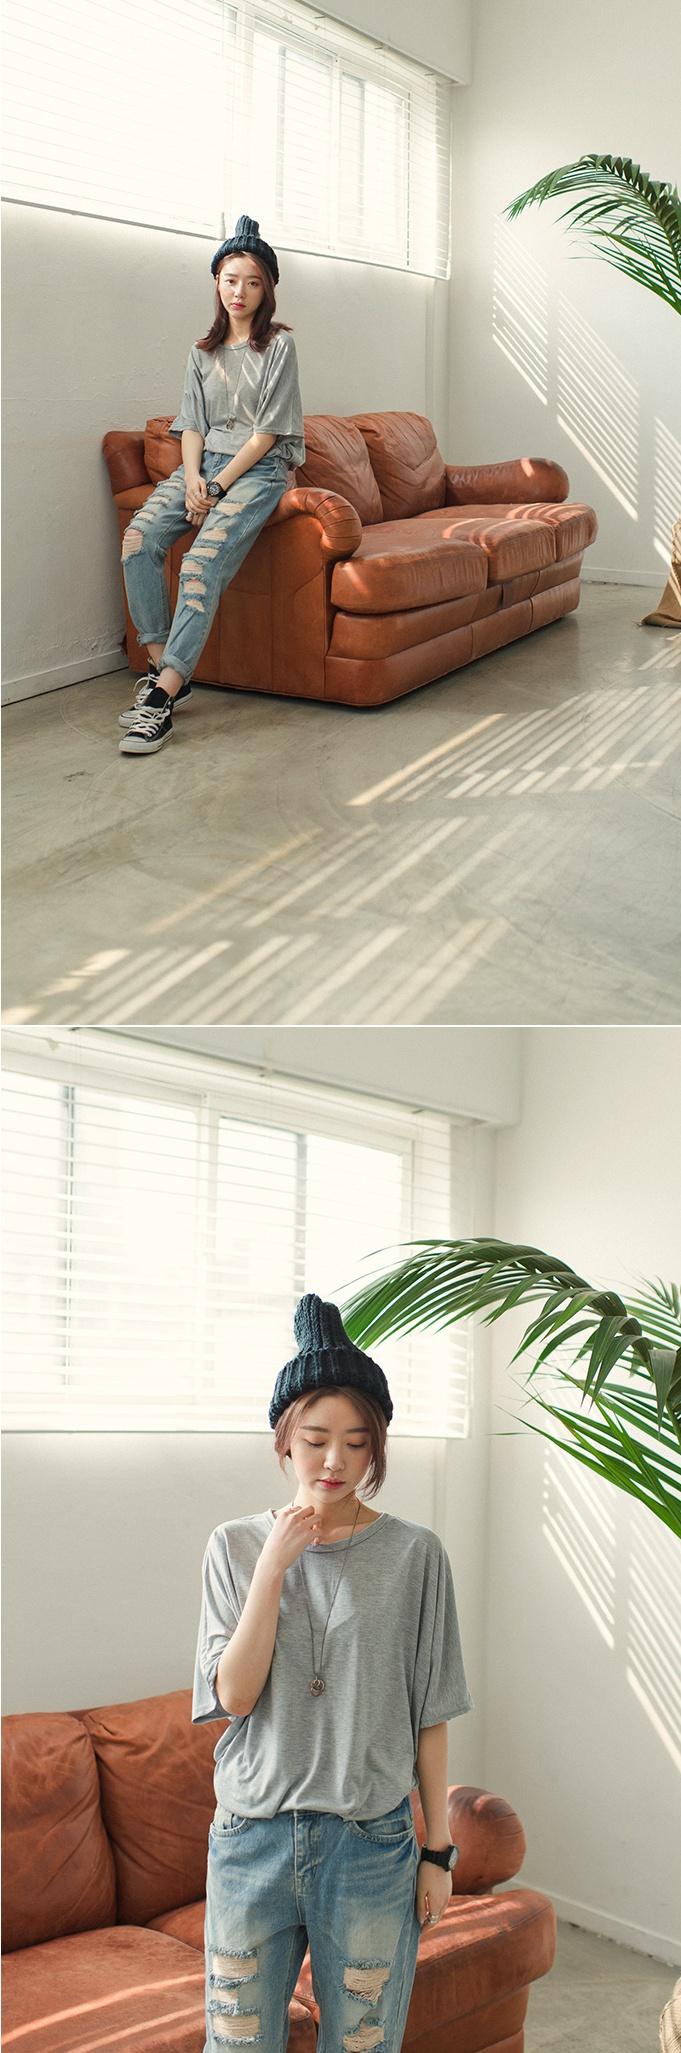 [슈가펀]프리가오리티셔츠 / 레이온100% 루즈핏 기본티셔츠 : 슈가펀